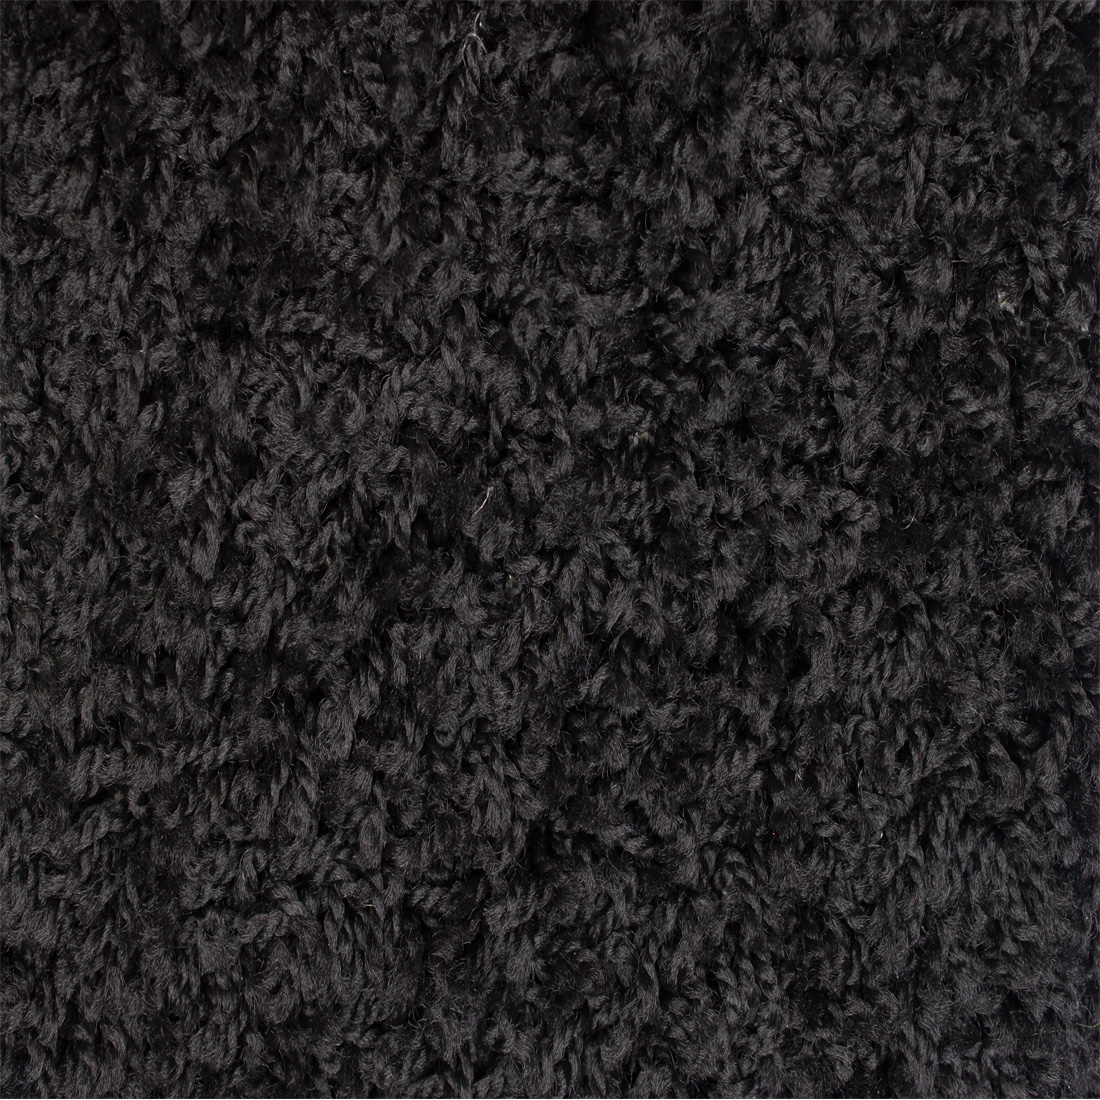 Vloerkleed Miami Zwart